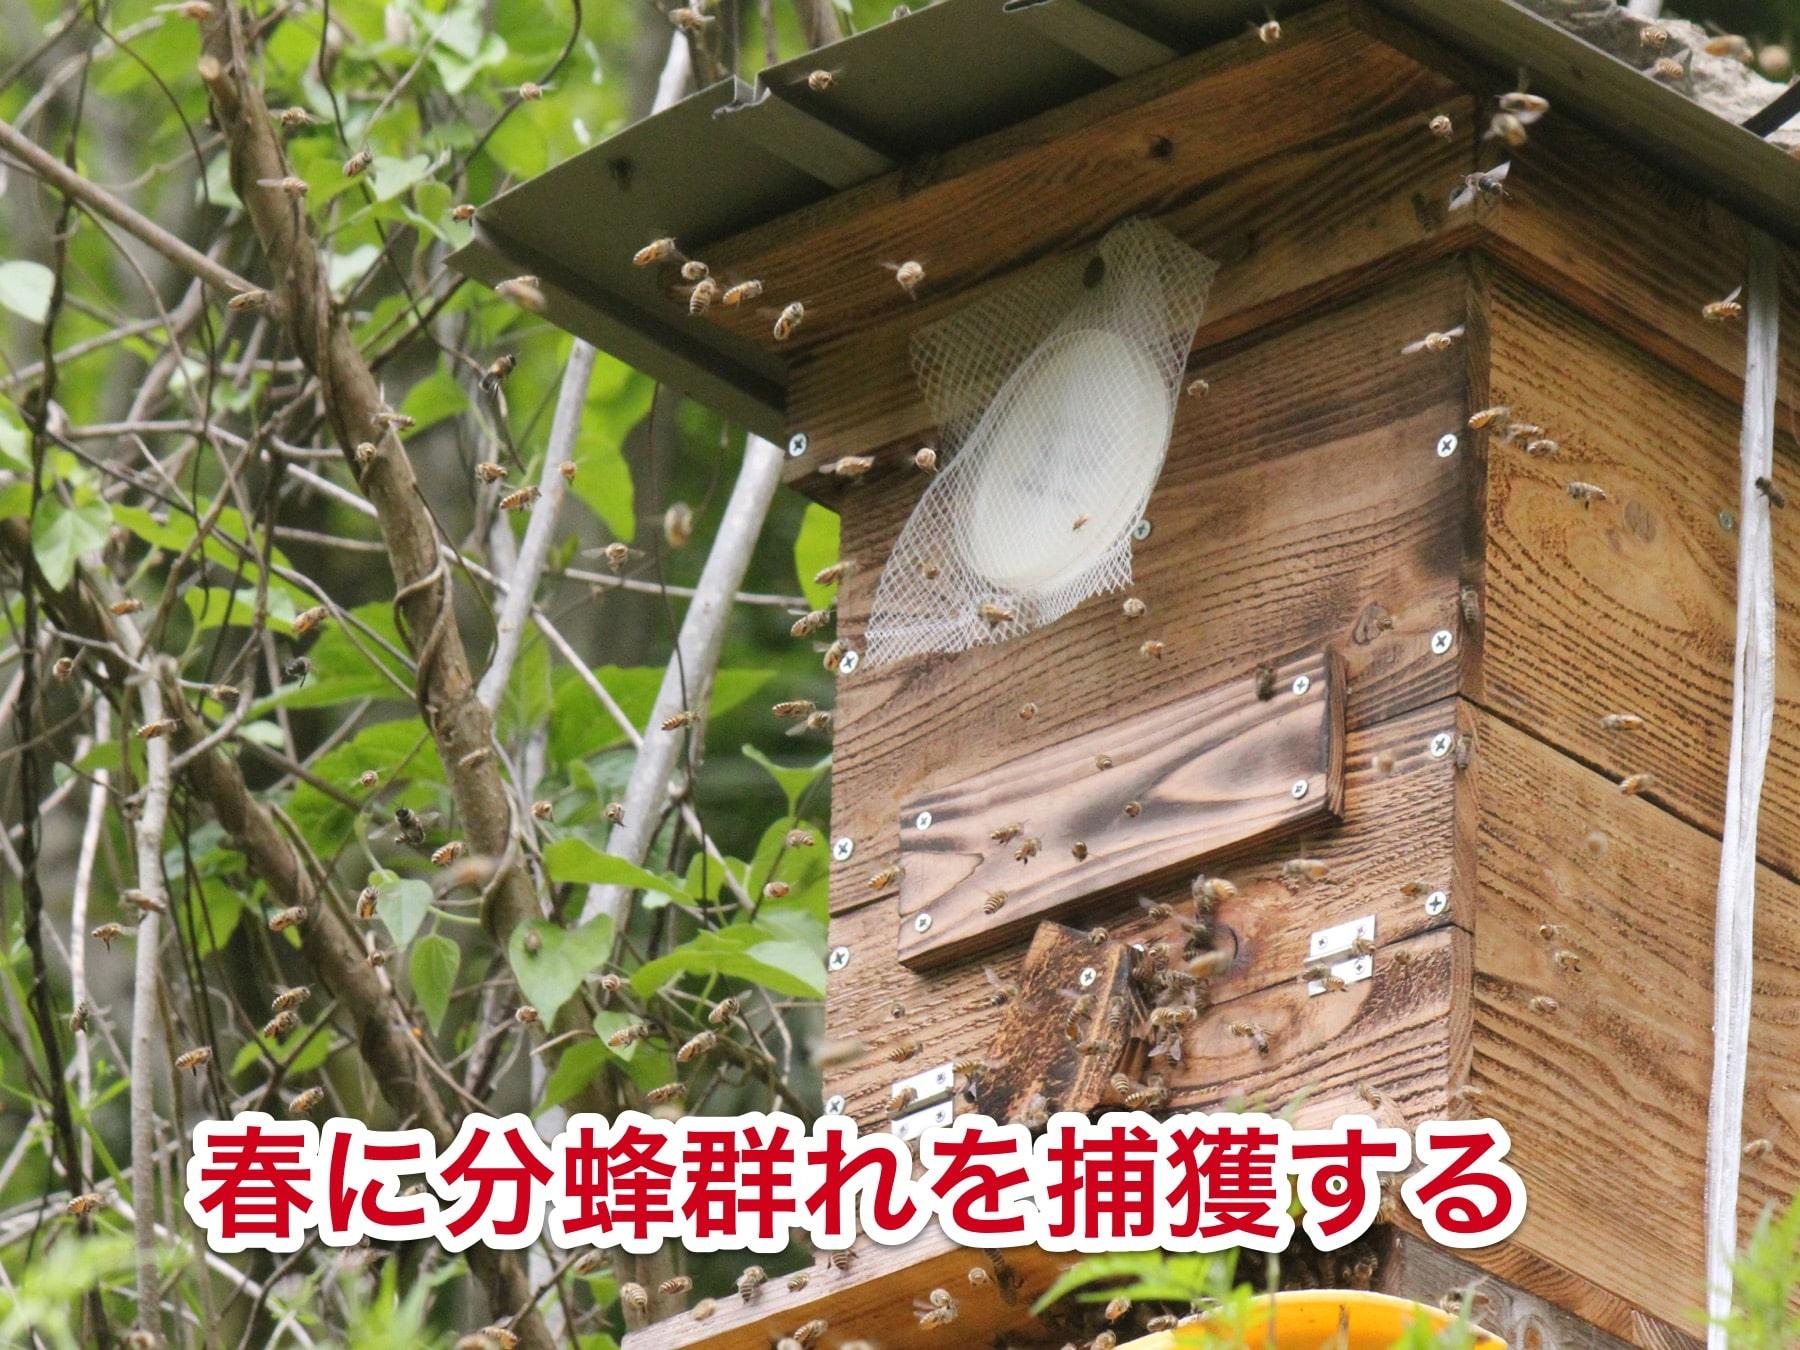 日本蜜蜂は分蜂群れを捕獲する